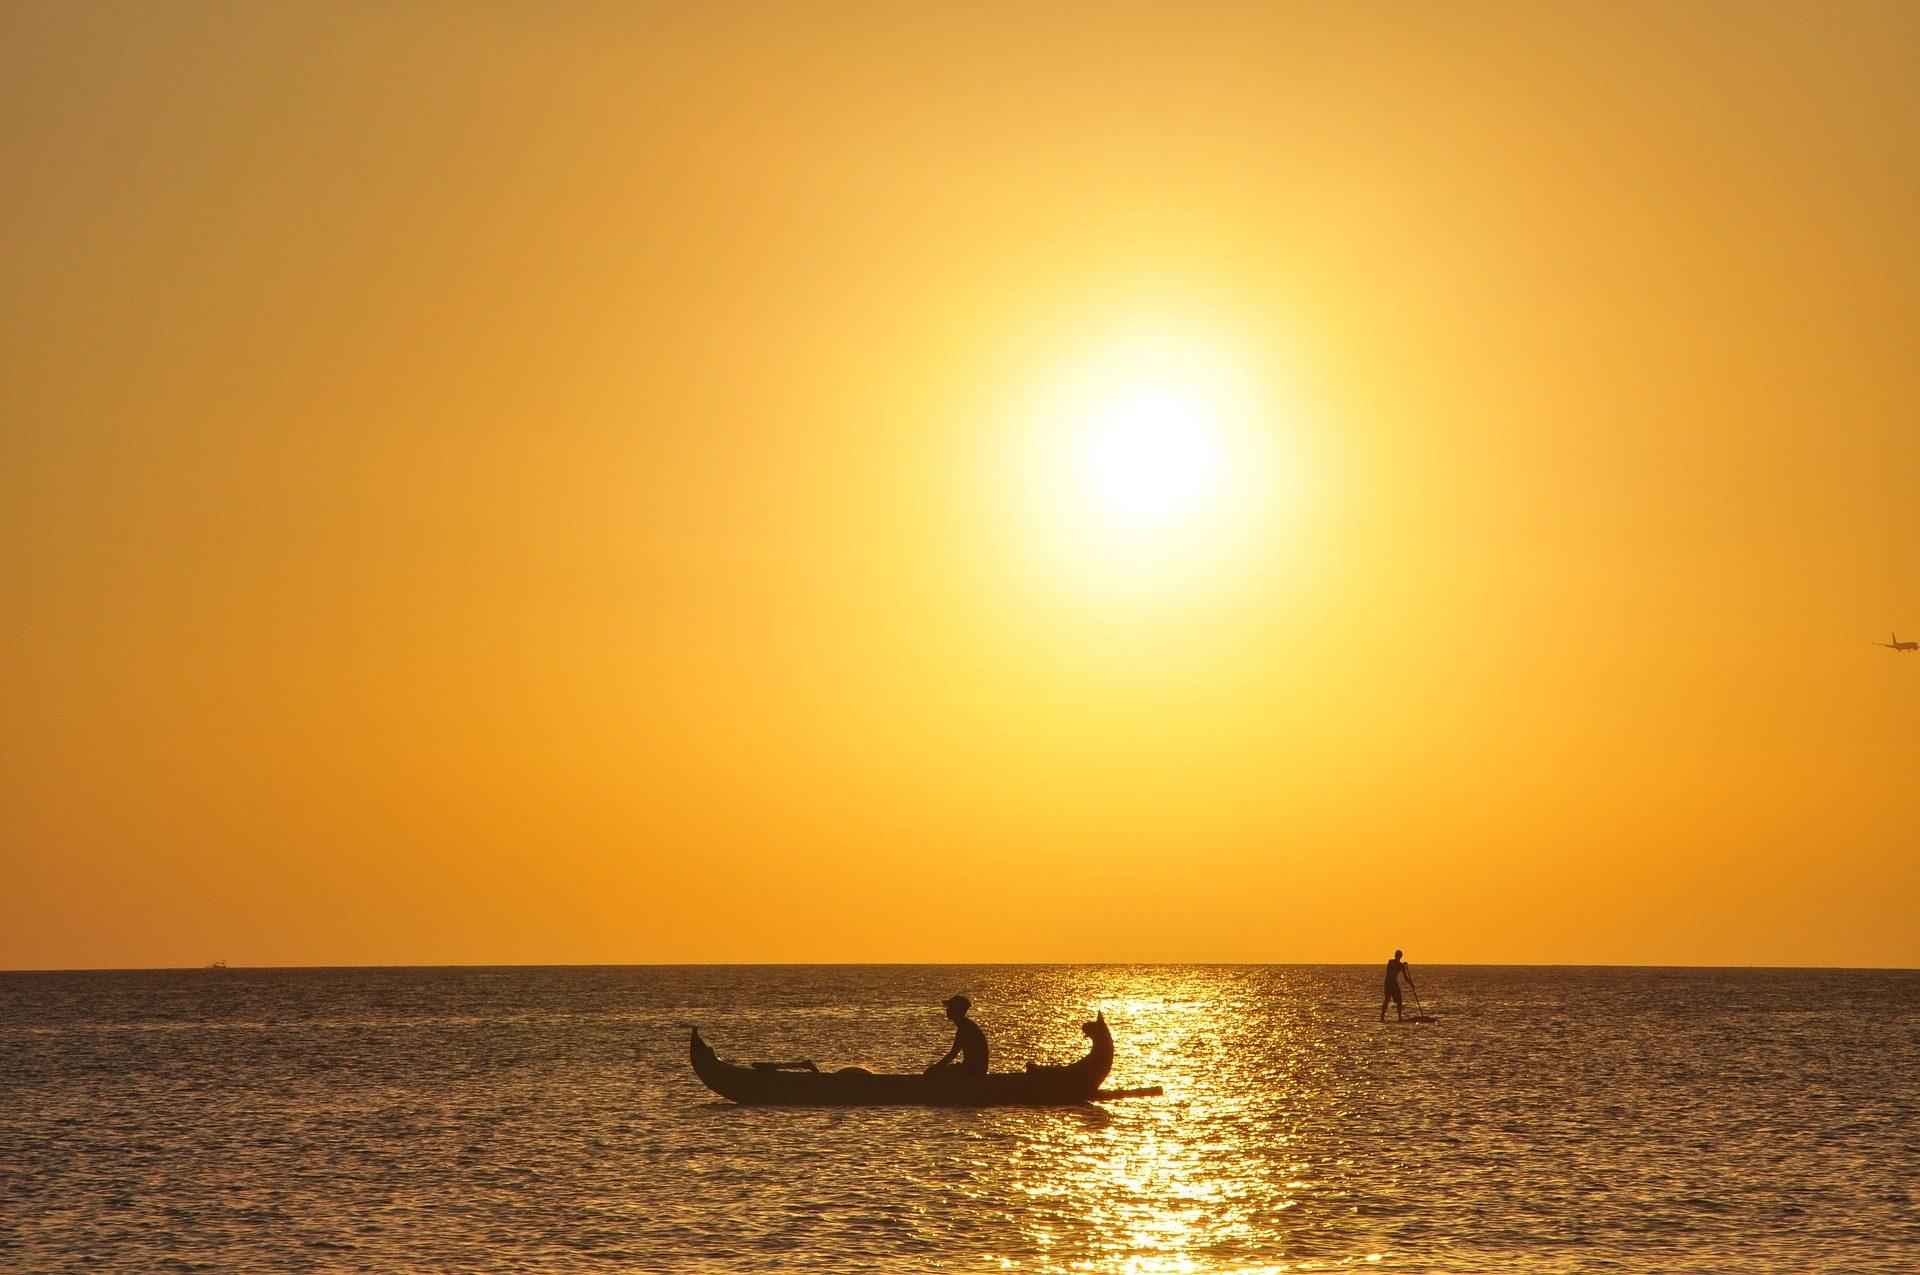 日落, 太阳, 海, 巴萨, 独木舟, 捕鱼 - 高清壁纸 - 教授-falken.com